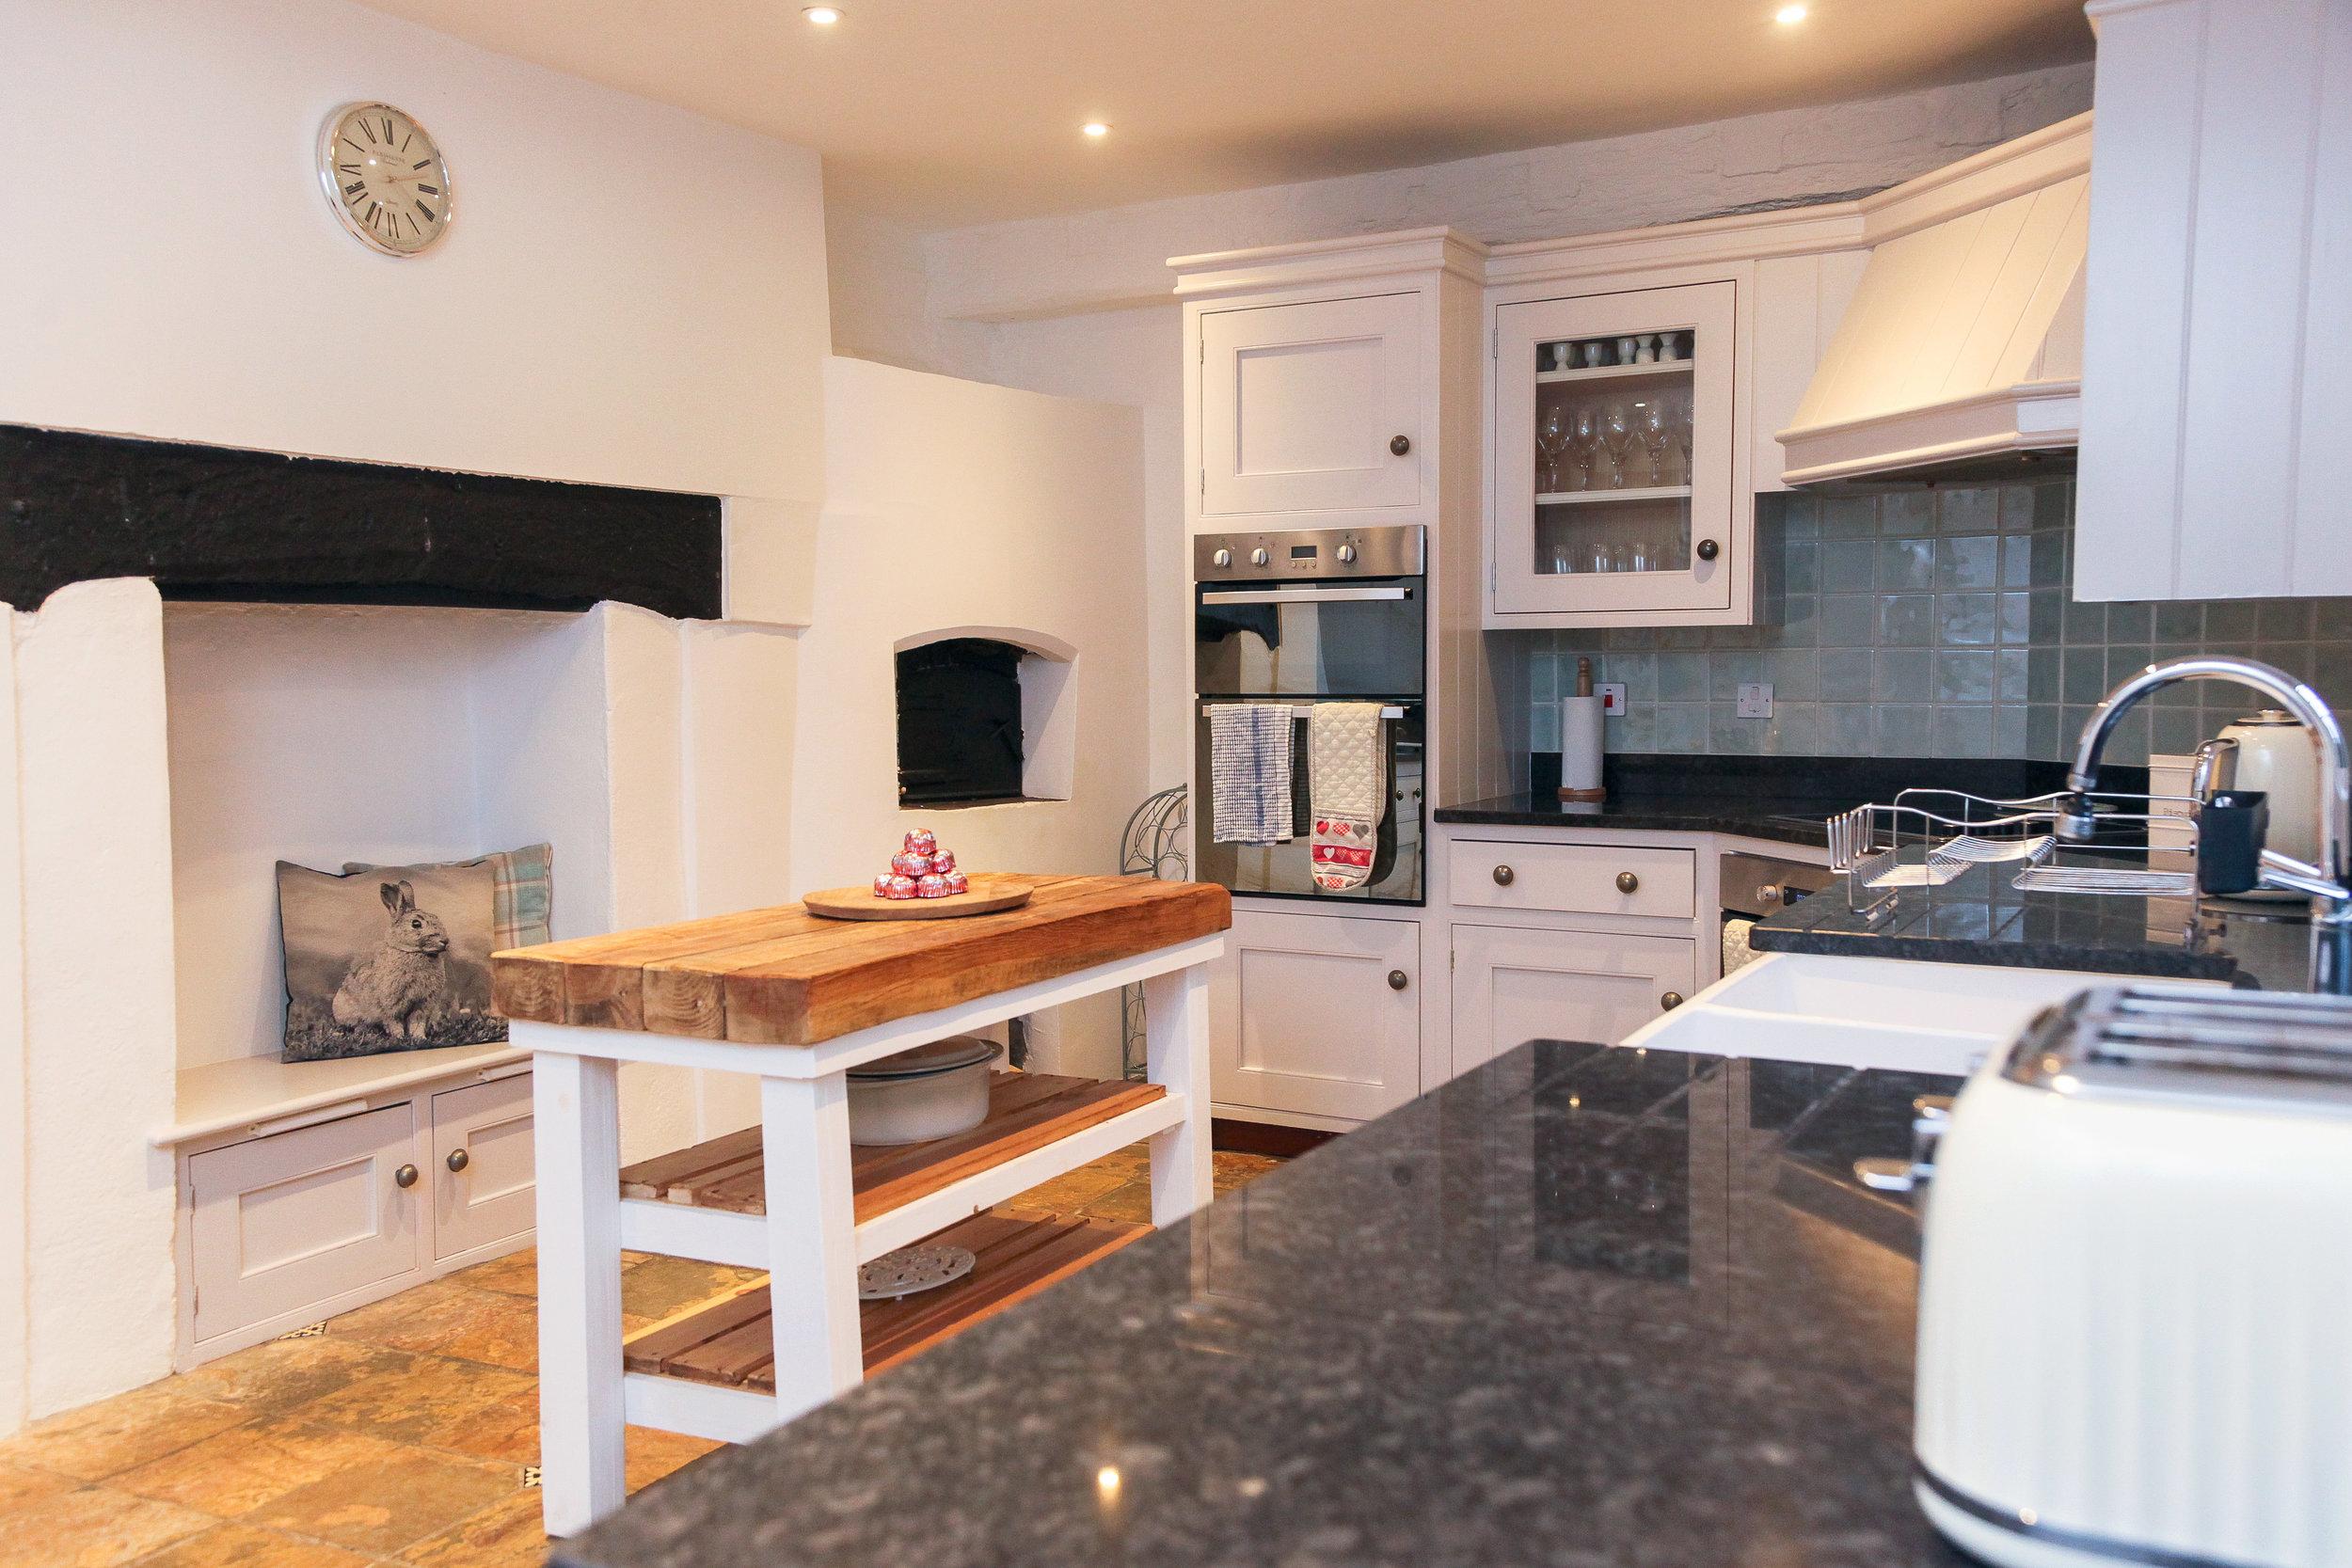 WM_Kitchen1.jpg